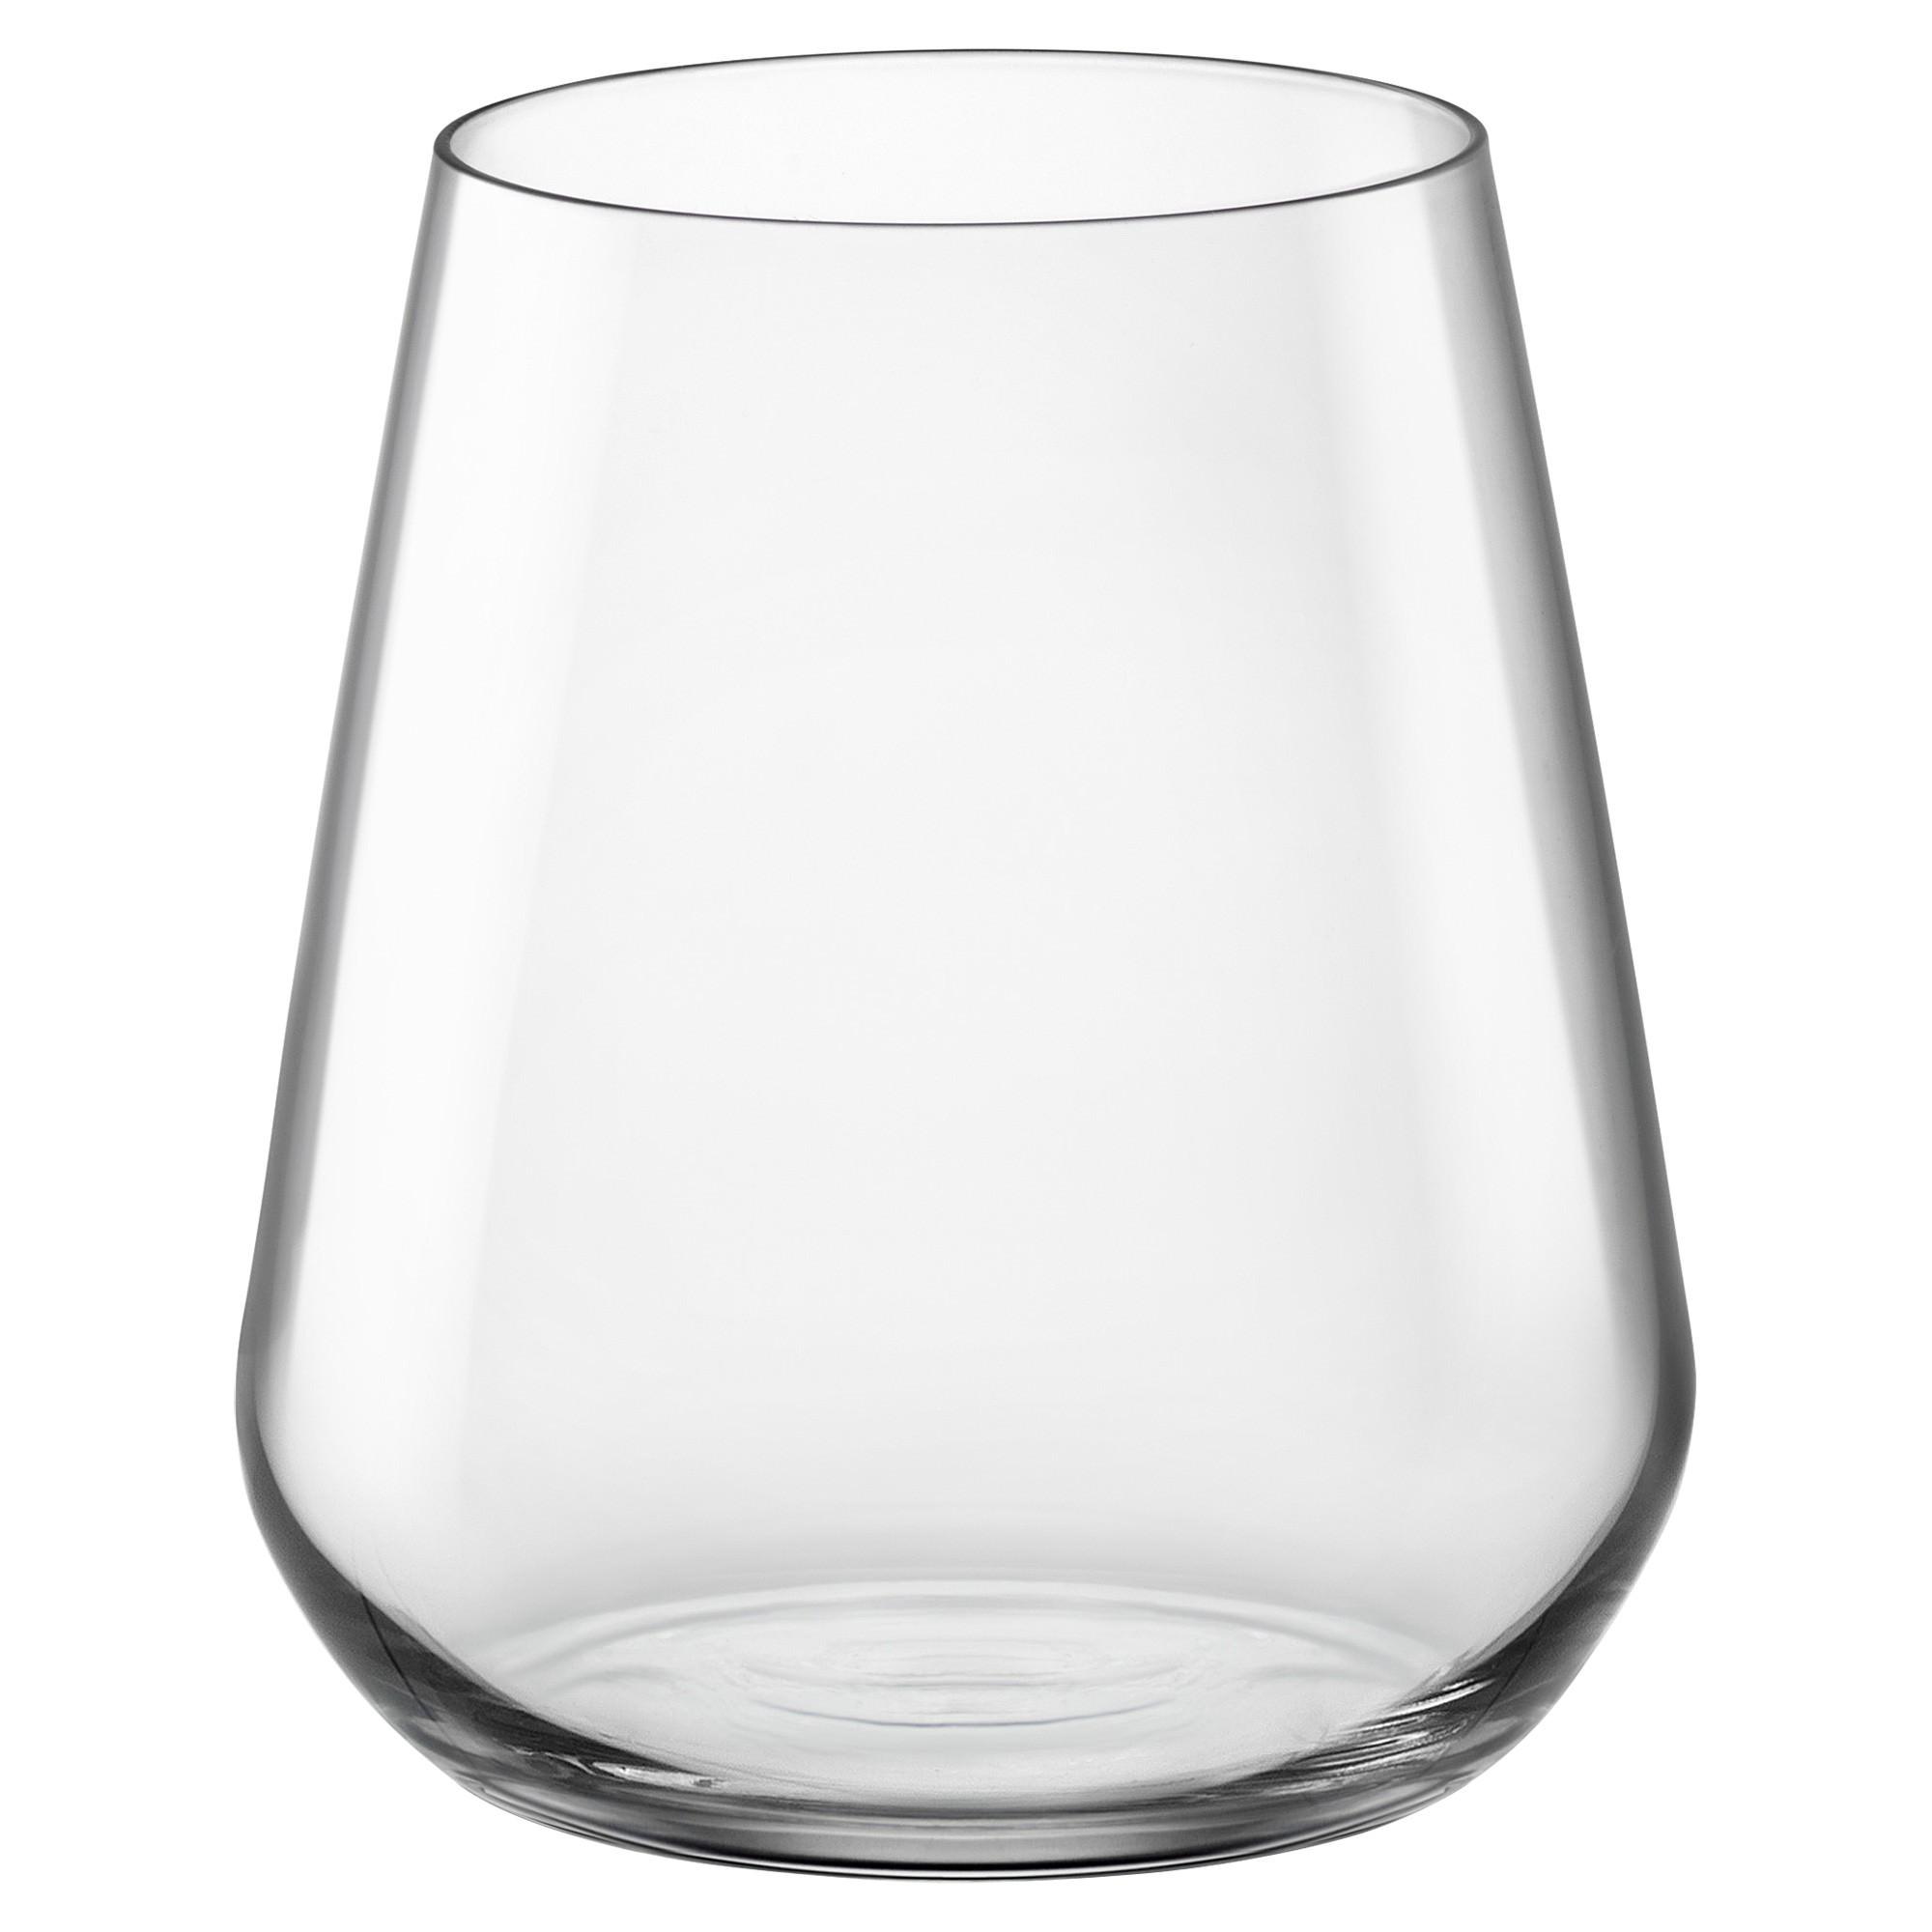 Bormioli Rocco Inalto Uno Stemless Wine Glasses, Set of 6